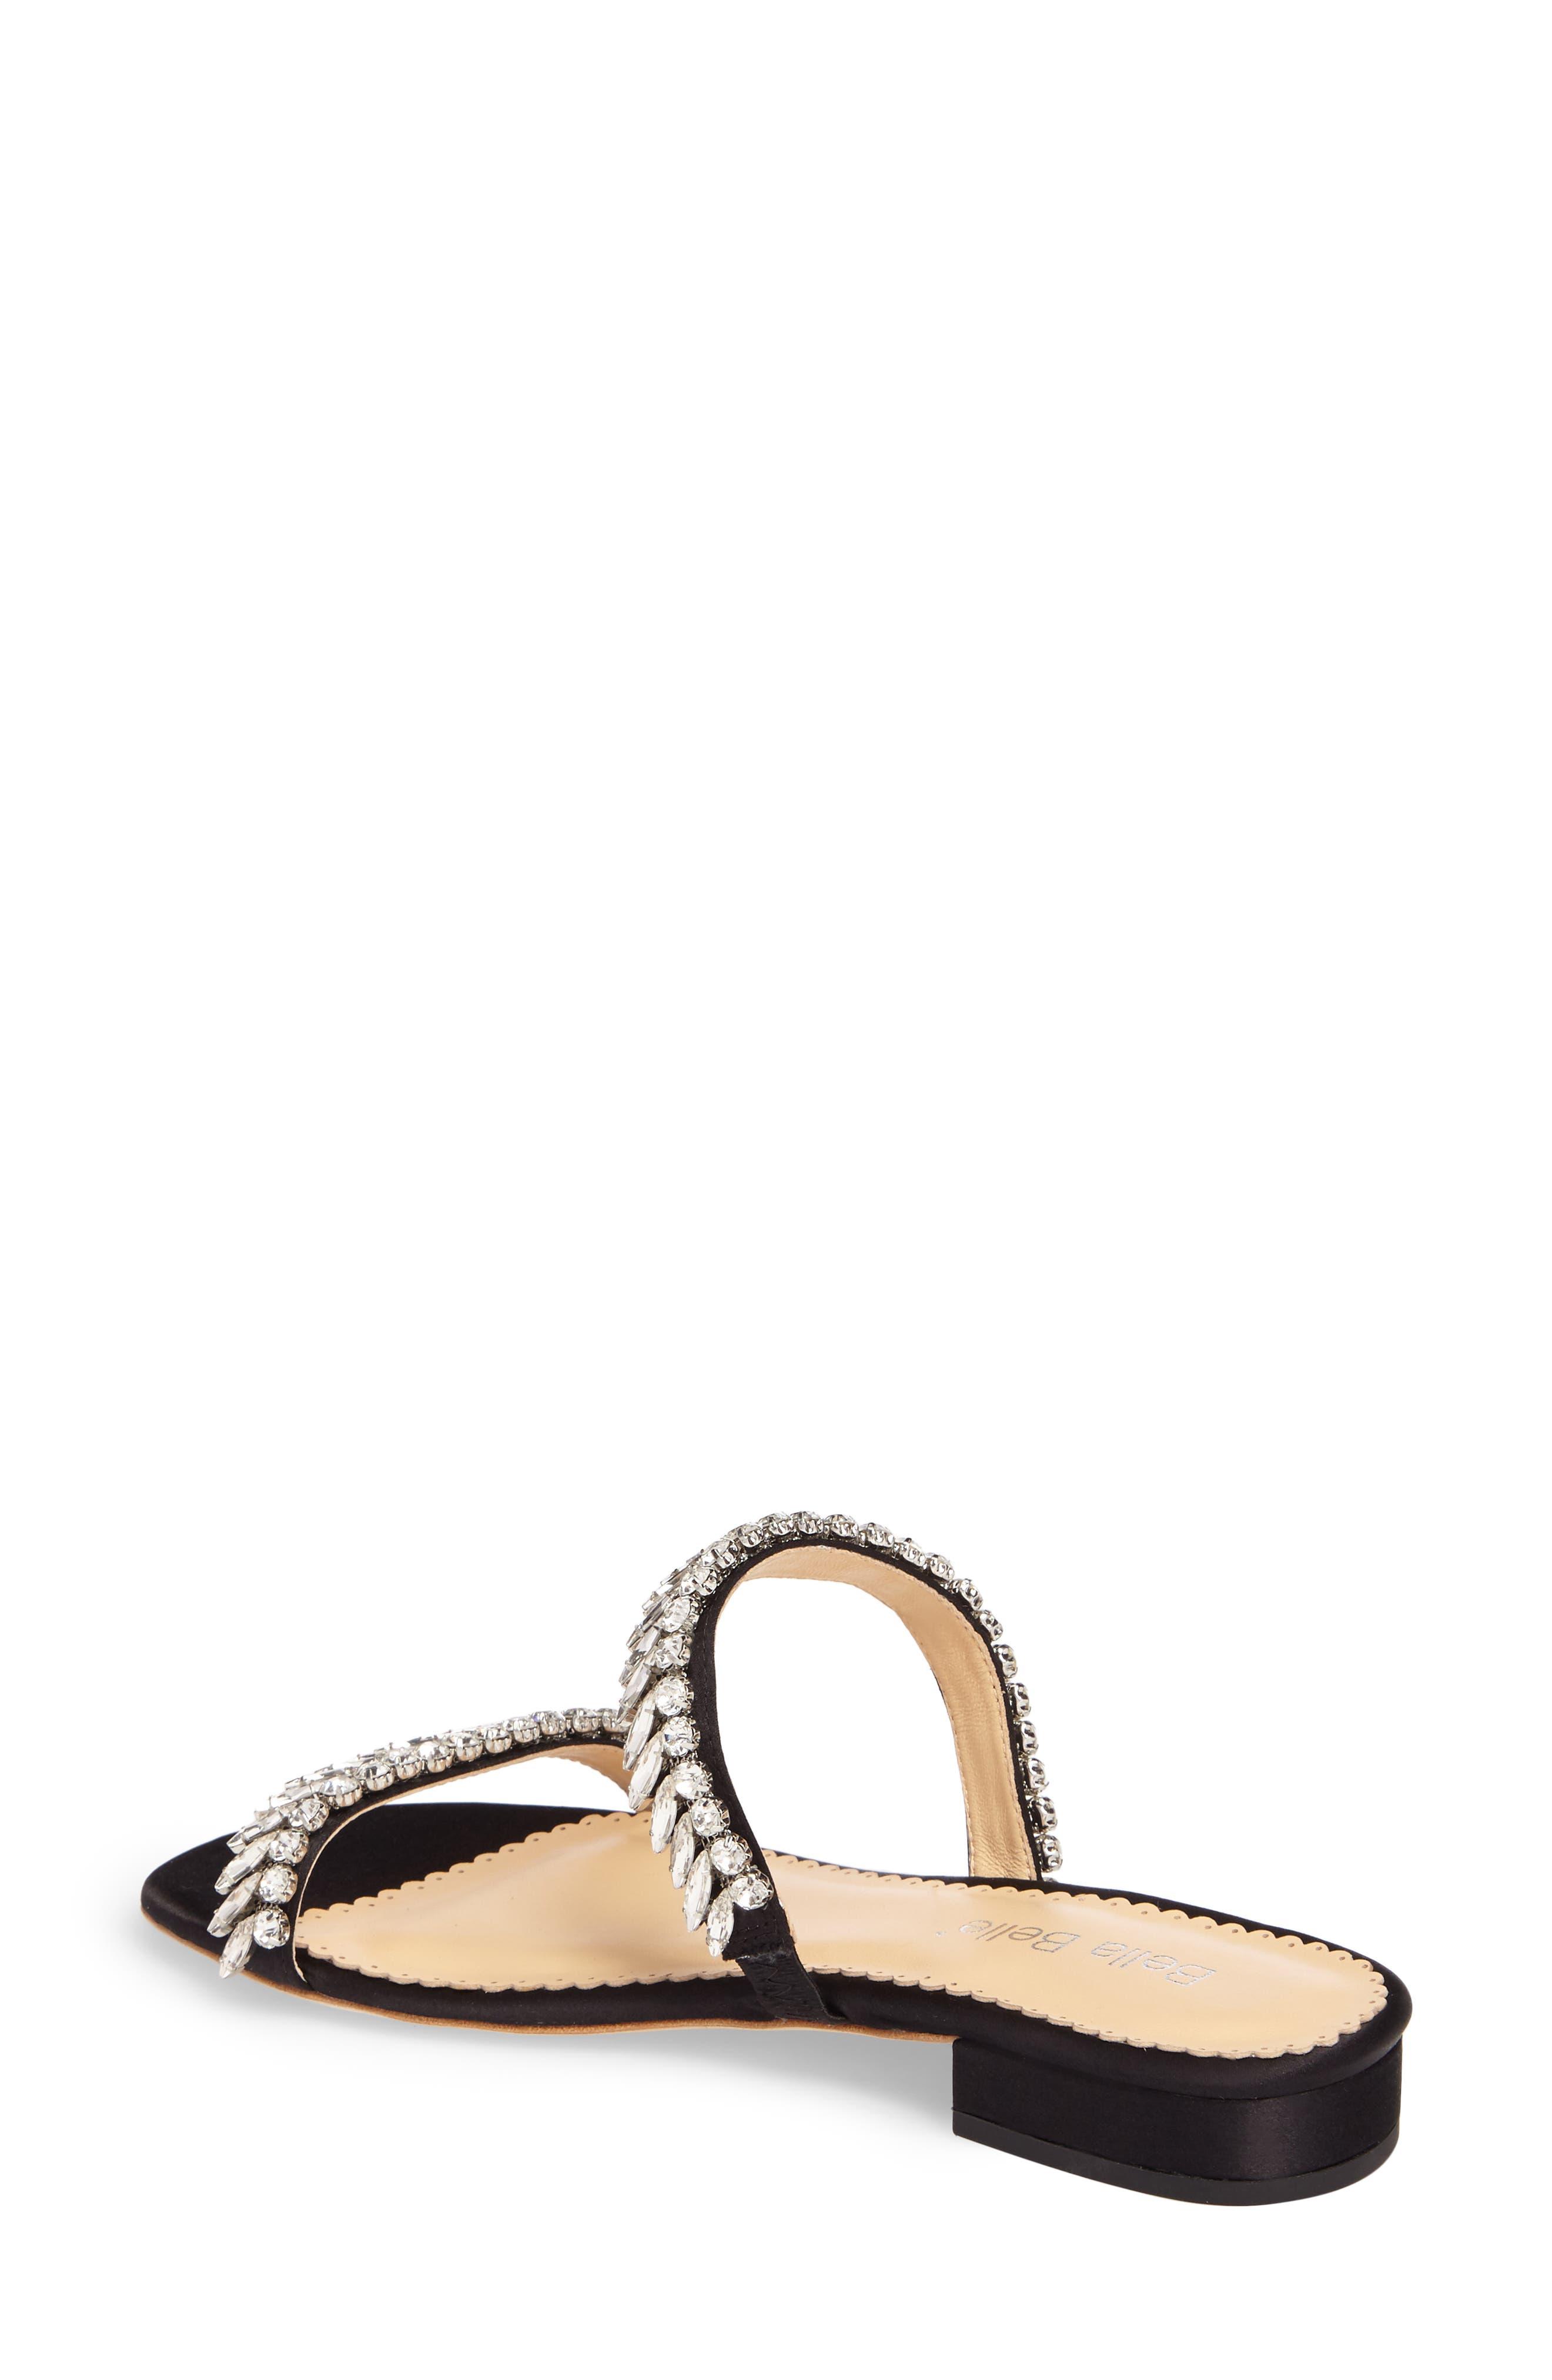 Bree Jeweled Evening Sandal,                             Alternate thumbnail 2, color,                             BLACK